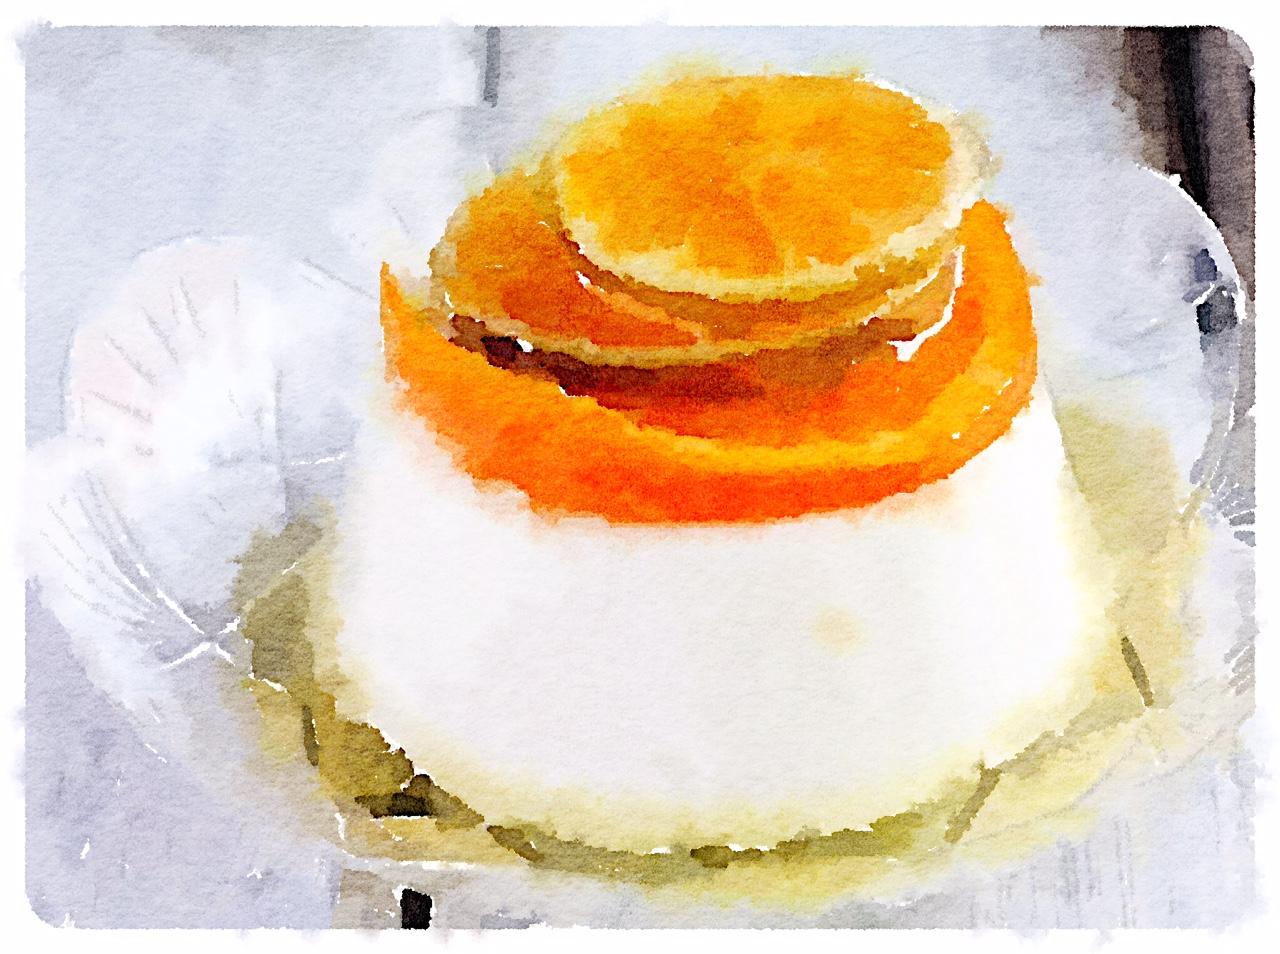 Latteinpiedi al tè con salsa al limone e arancia